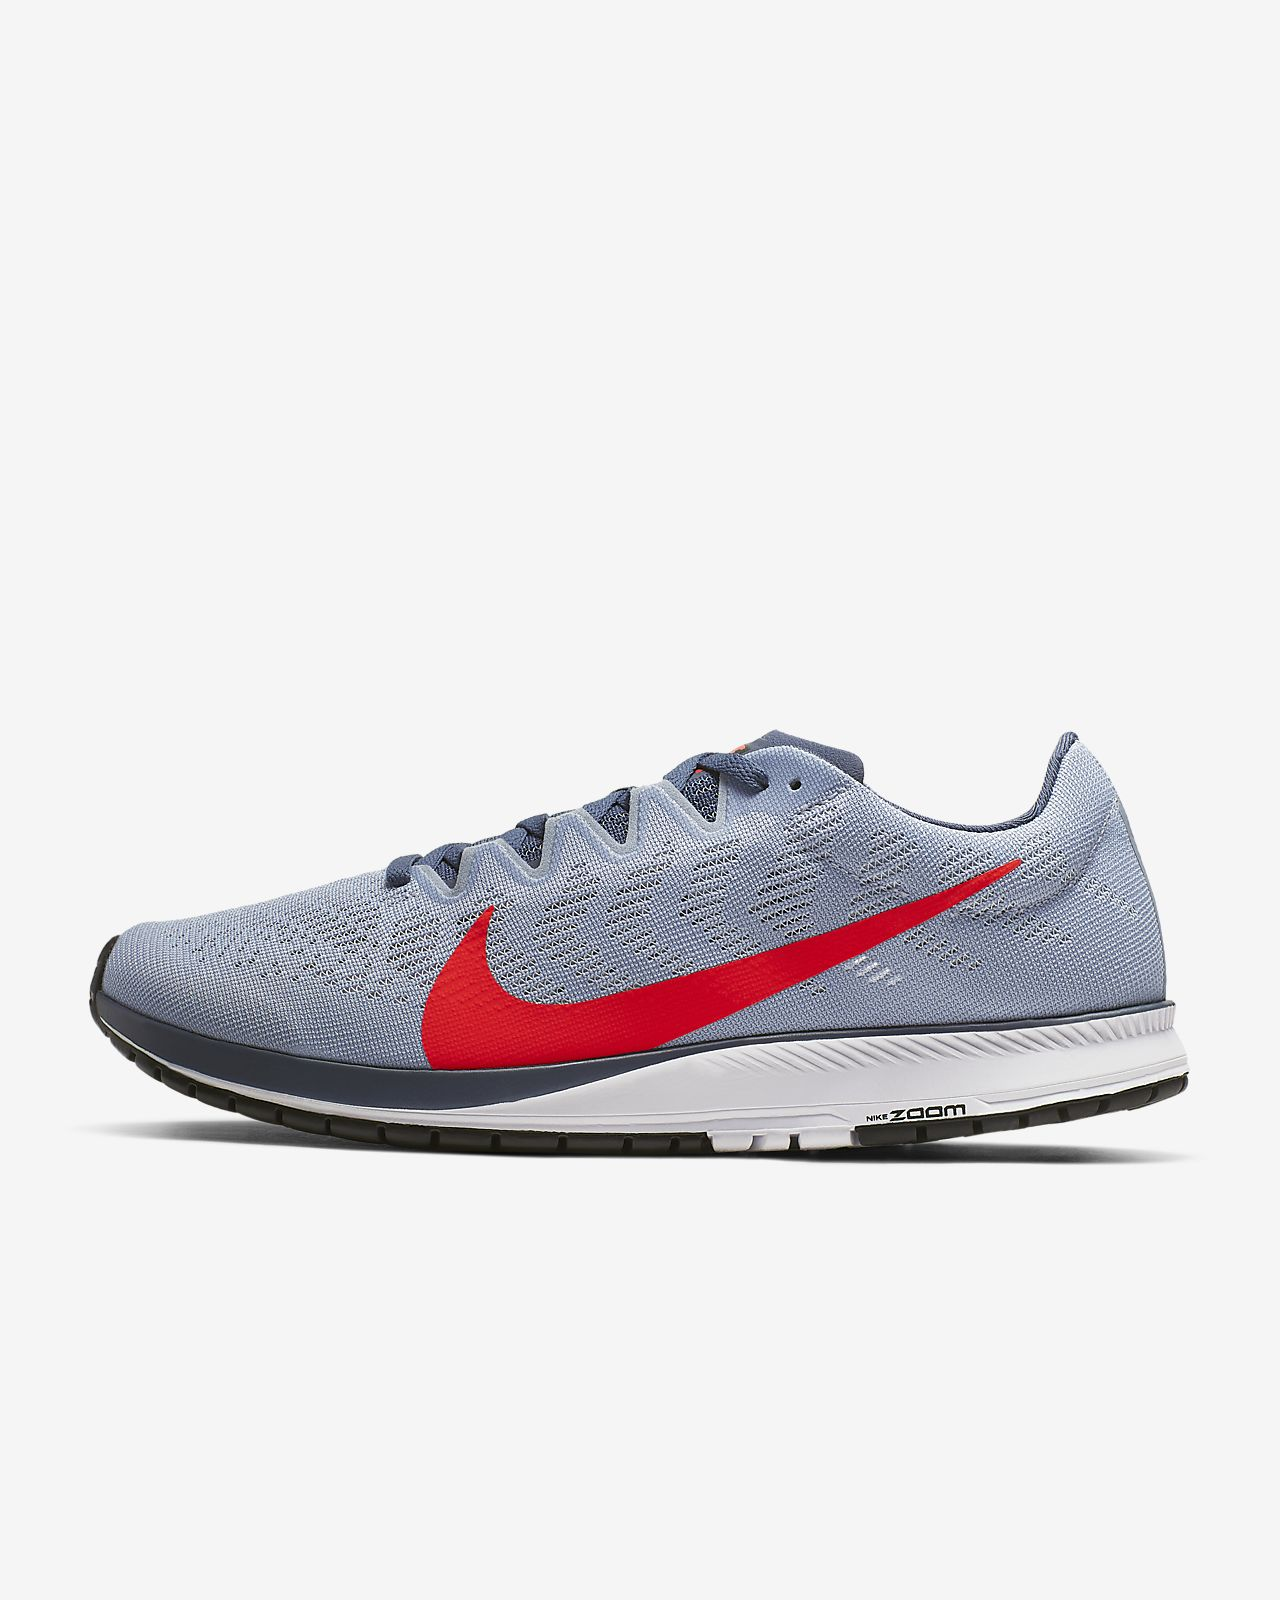 Παπούτσι για τρέξιμο Nike Air Zoom Streak 7